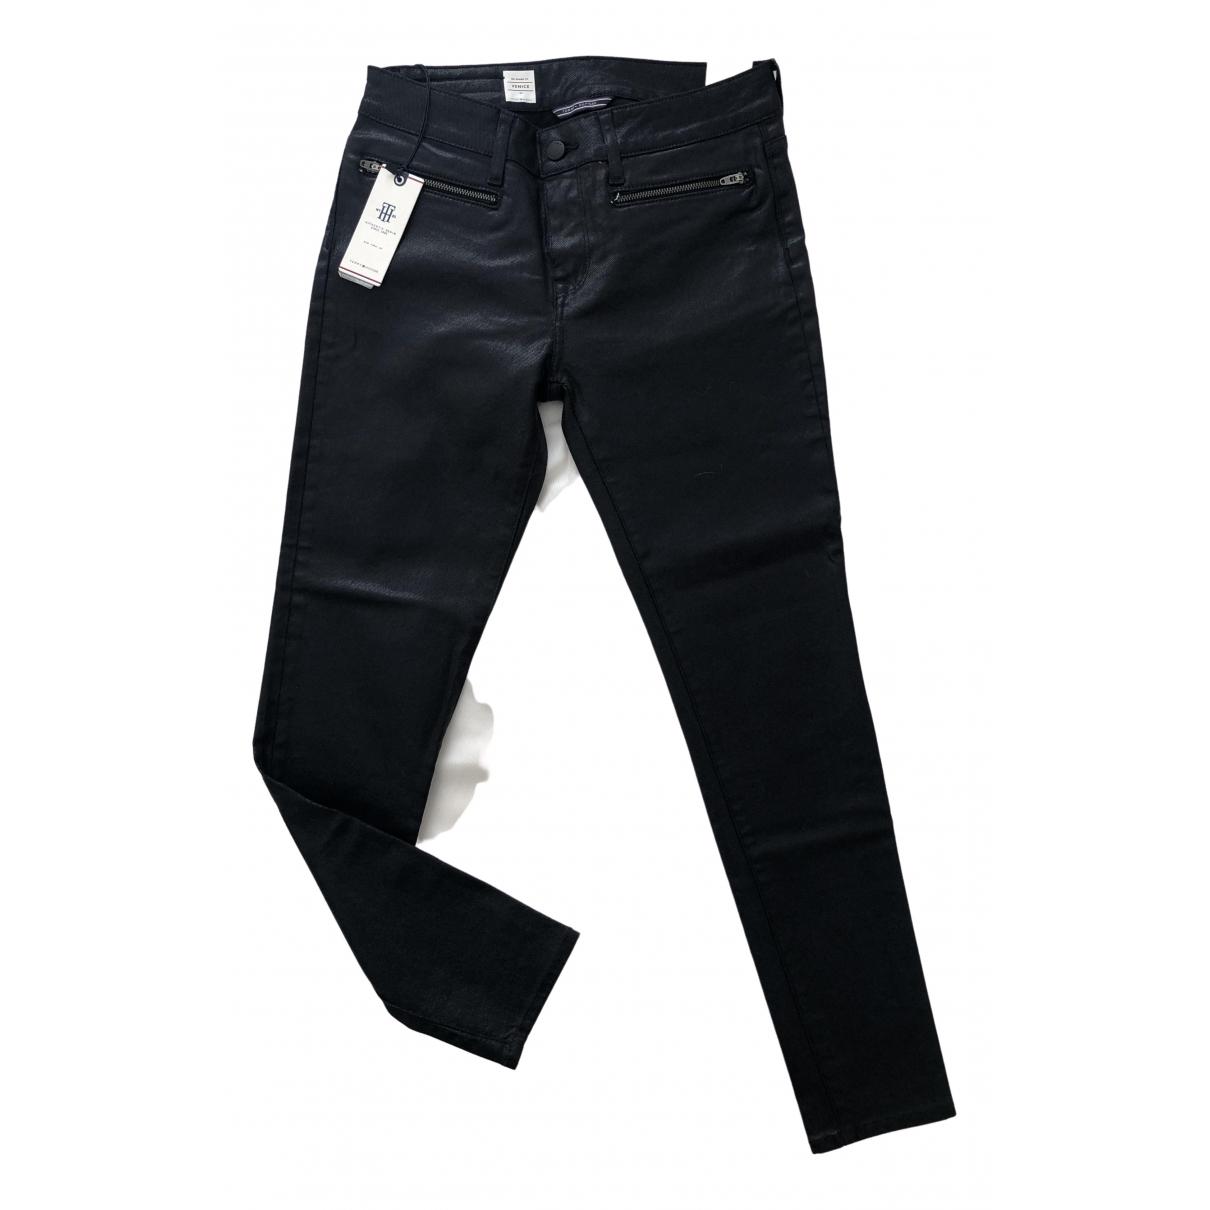 Tommy Hilfiger - Jean   pour femme en coton - elasthane - noir